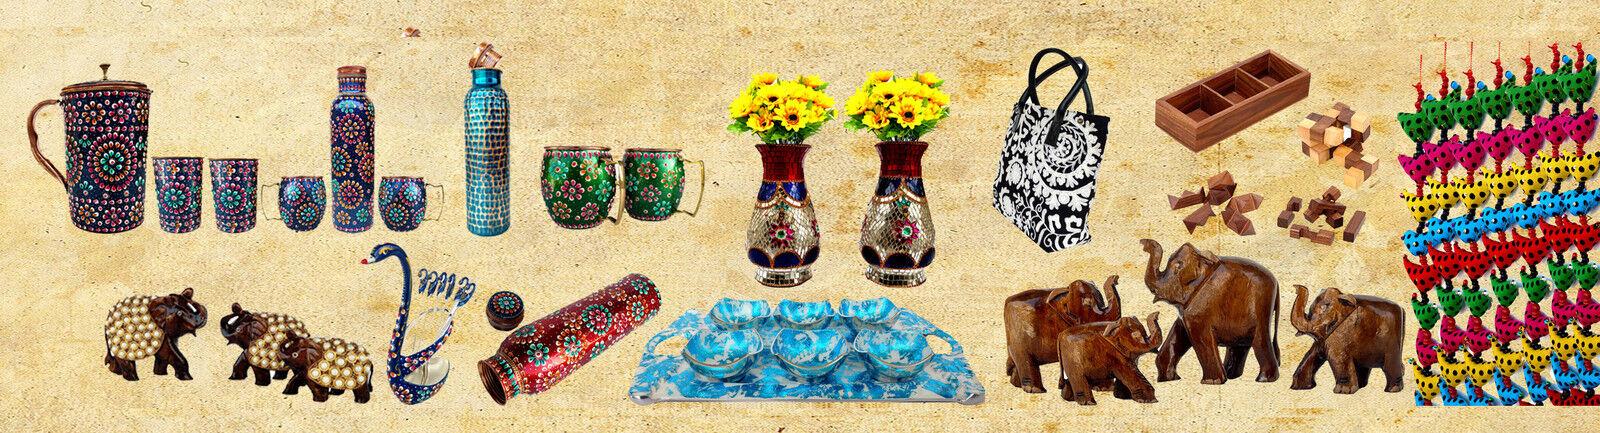 rastogihandicrafts